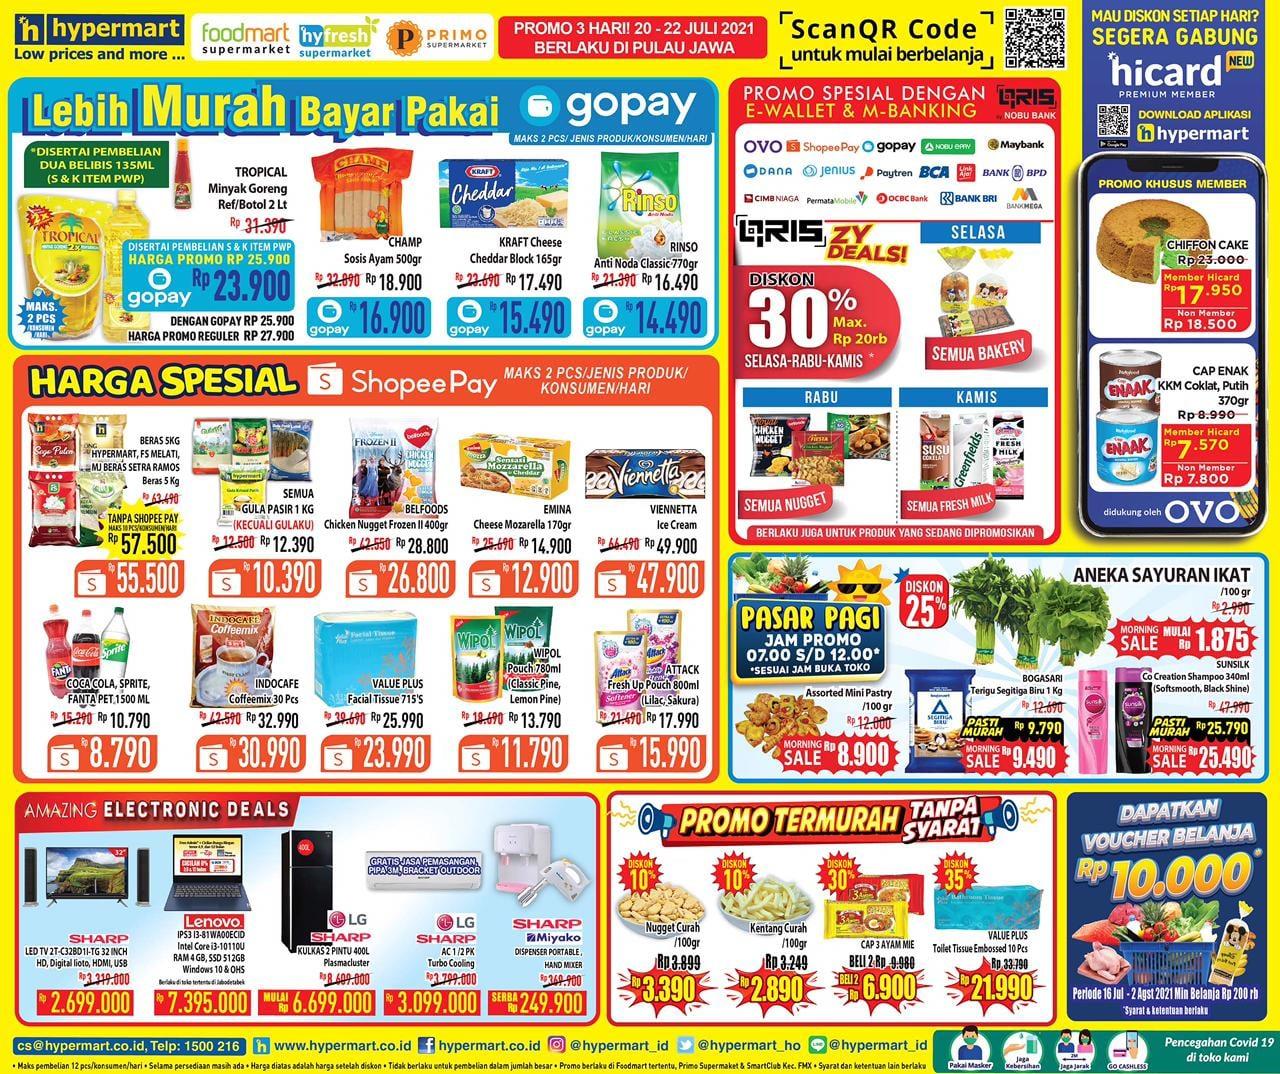 Katalog Hypermart Promo Weekday periode 20-22 Juli 2021